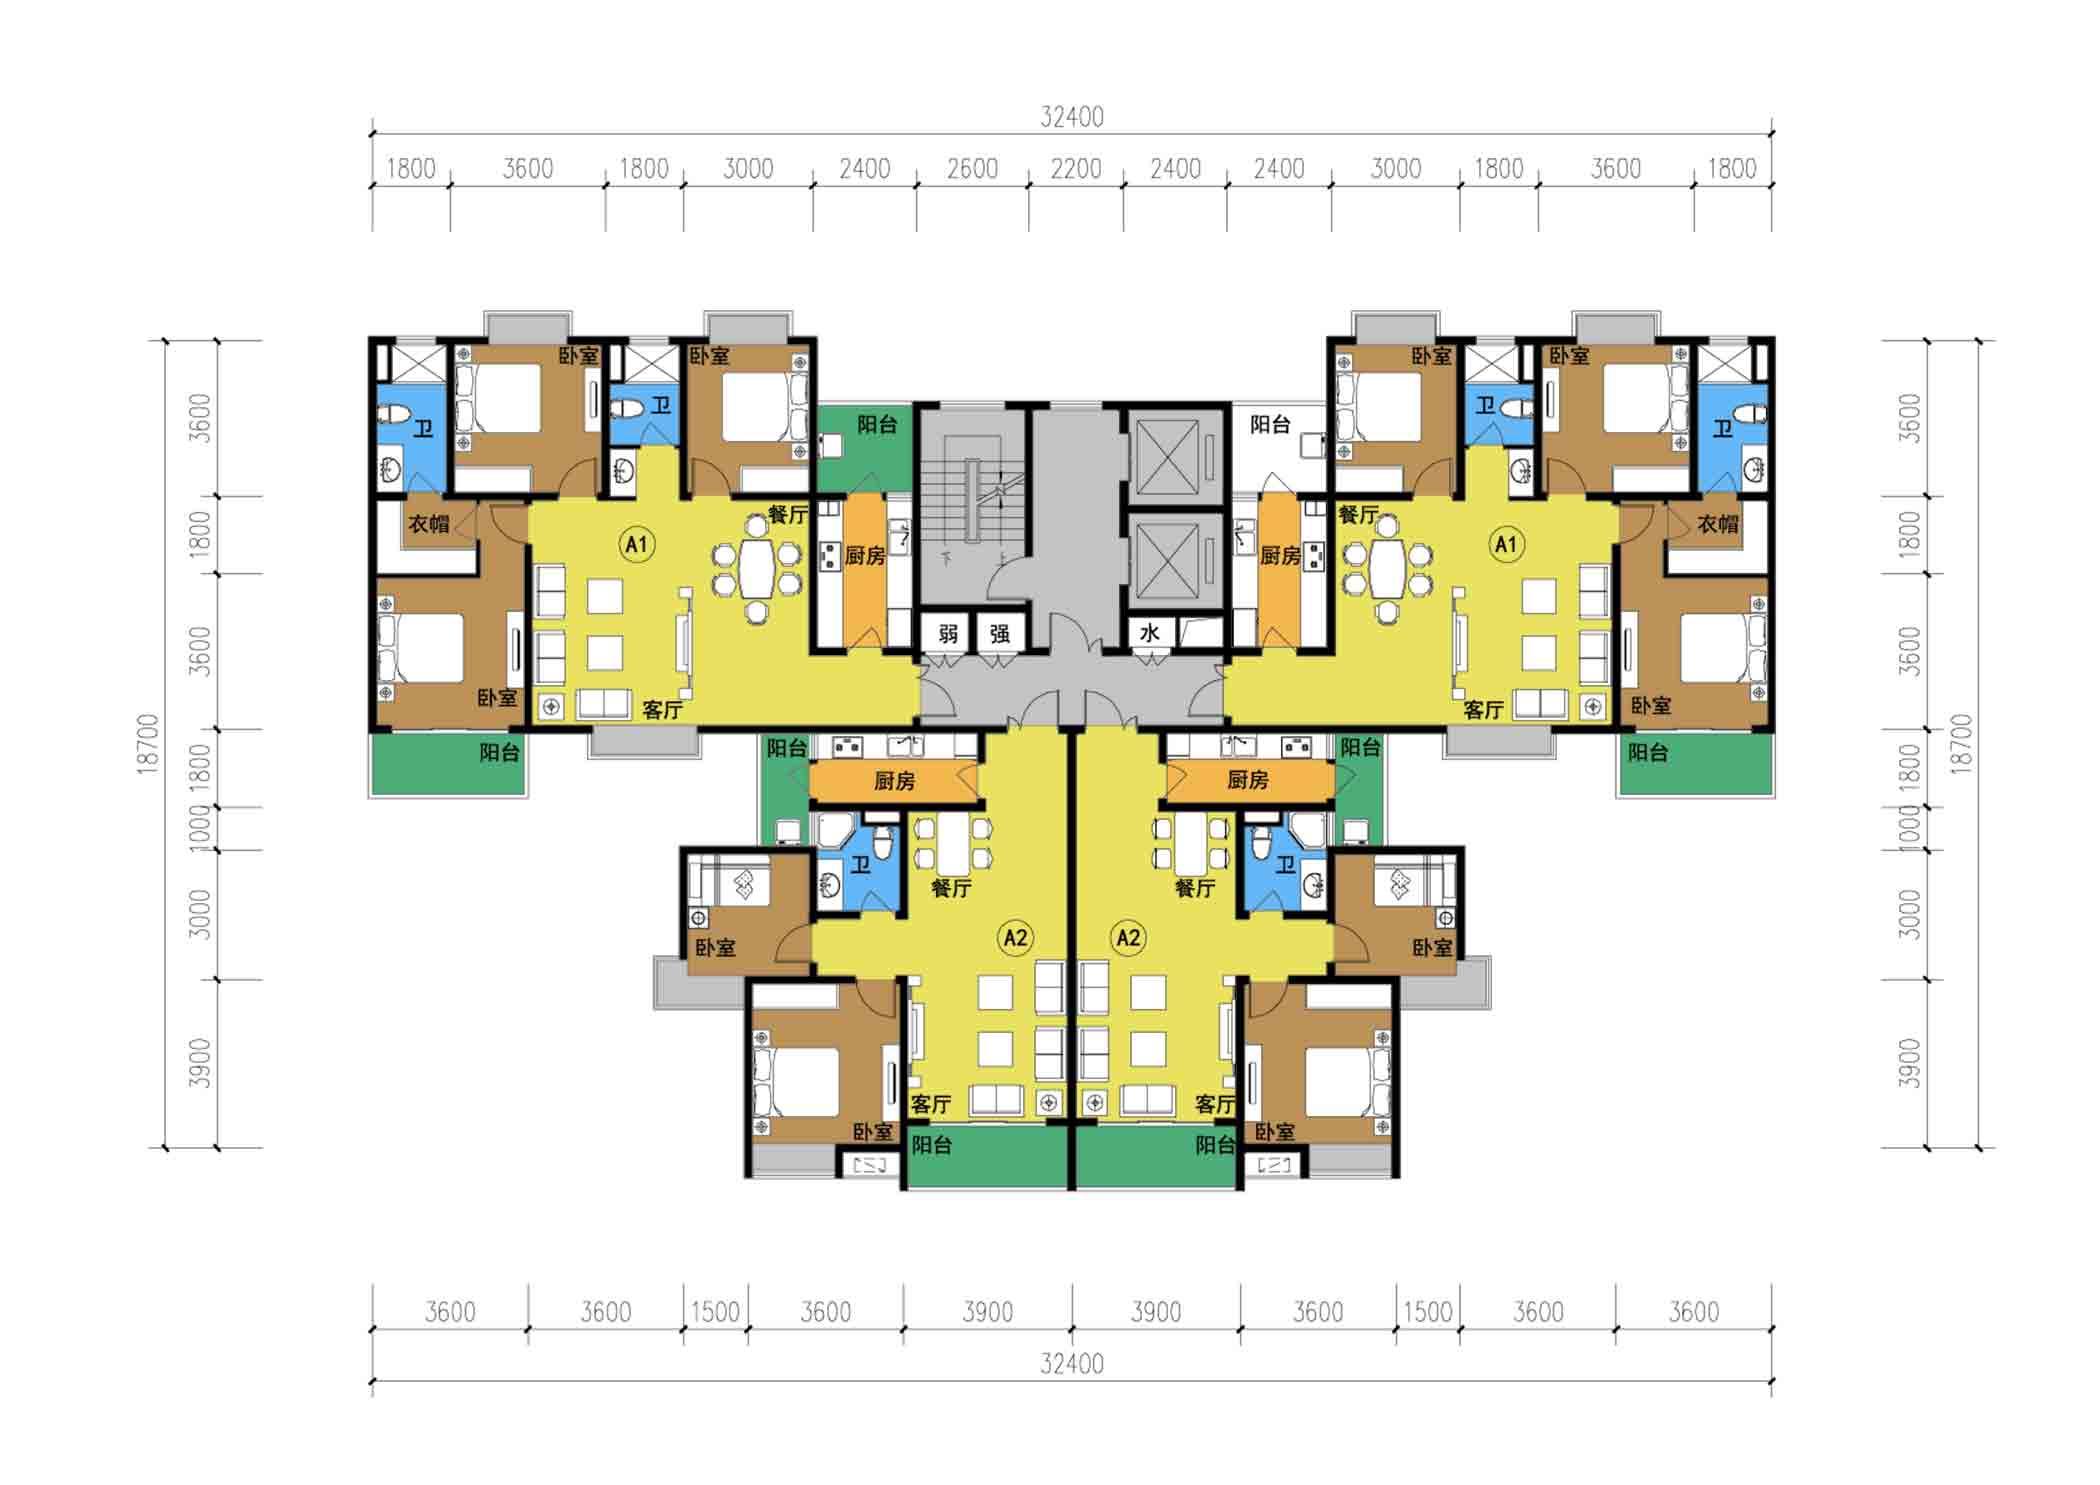 11层一梯三户户型 - 公寓户型图下载-cad下载-梯户